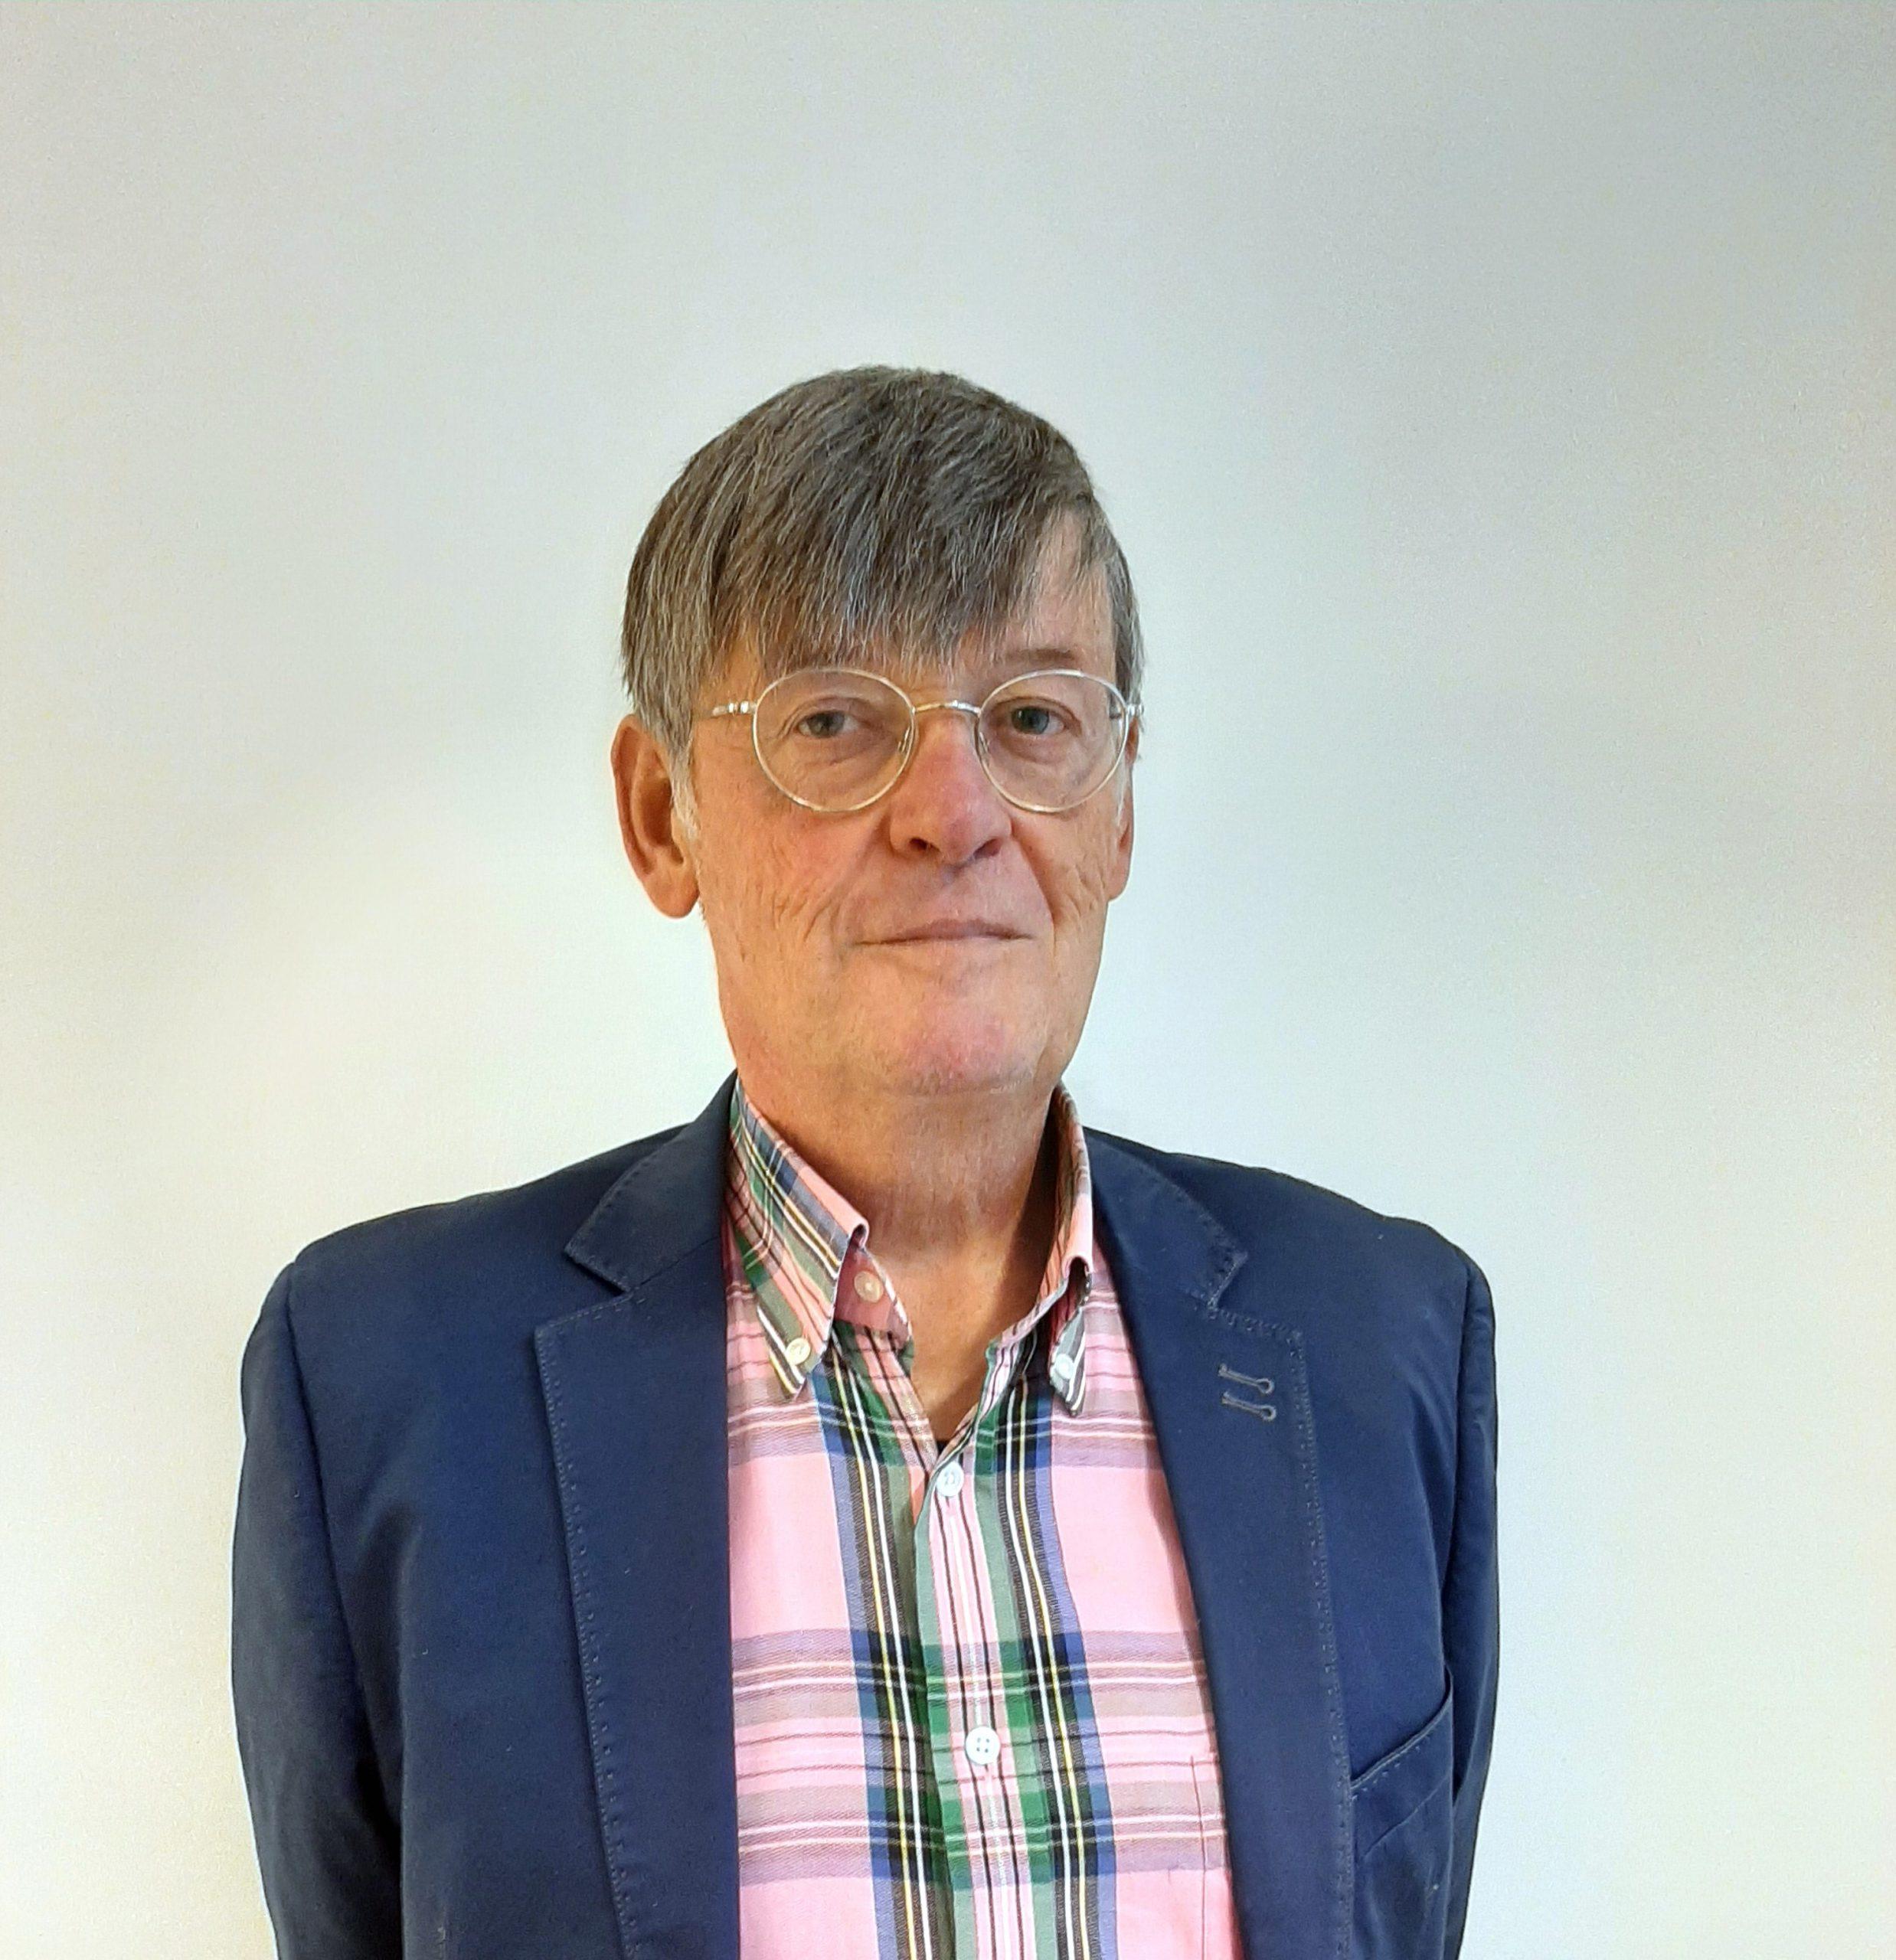 Anton de Jong